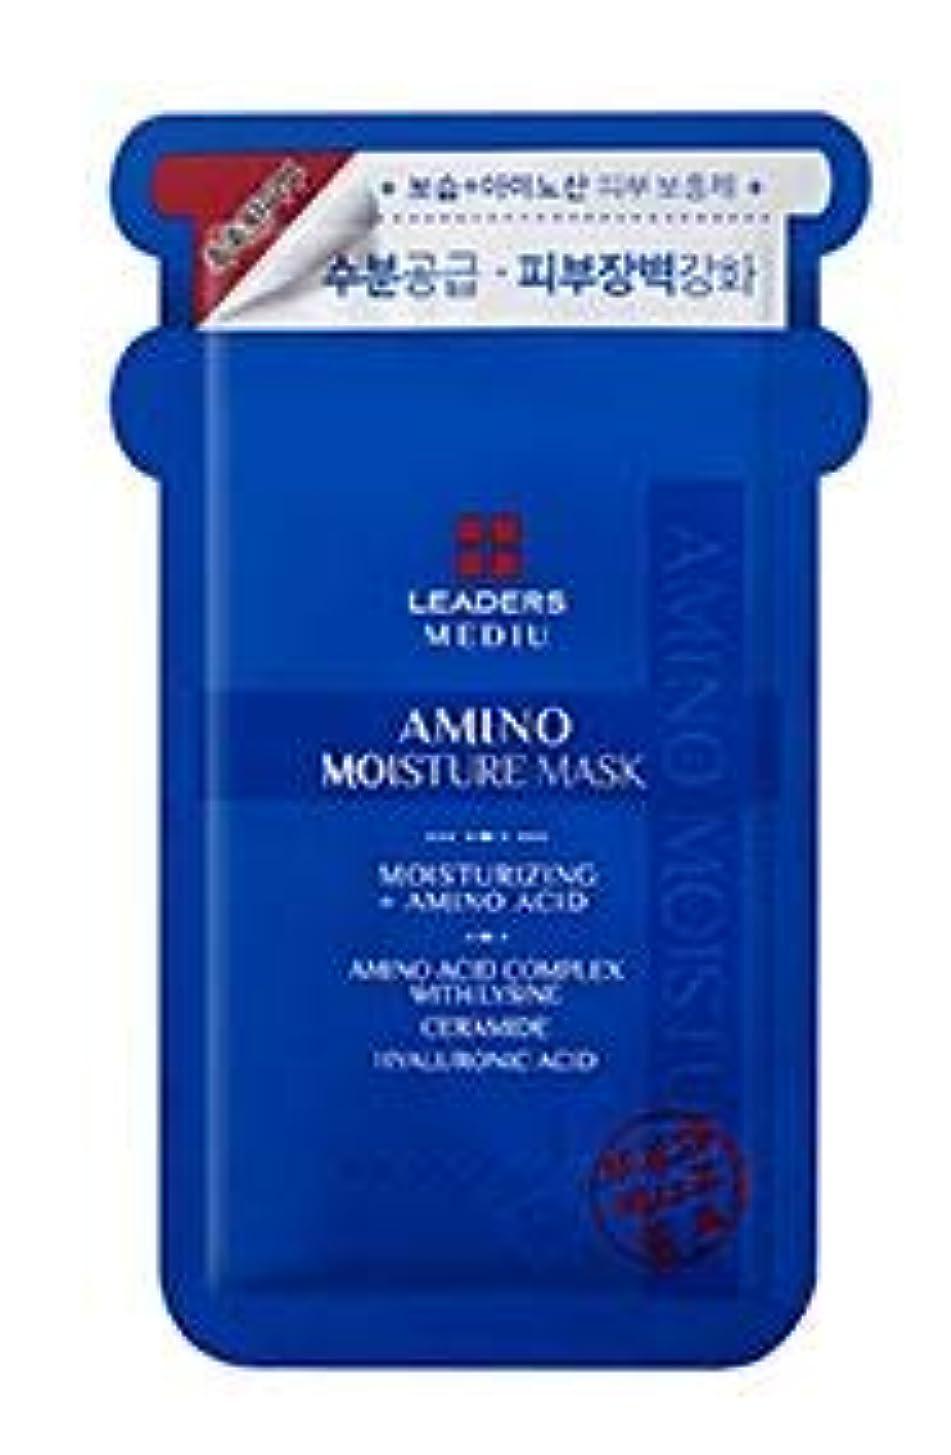 繊維毒性そこ[LEADERS] MEDIU Amino Moisture Mask 25ml*10ea / リーダースアミノモイスチャーマスク 25ml*10枚 [並行輸入品]